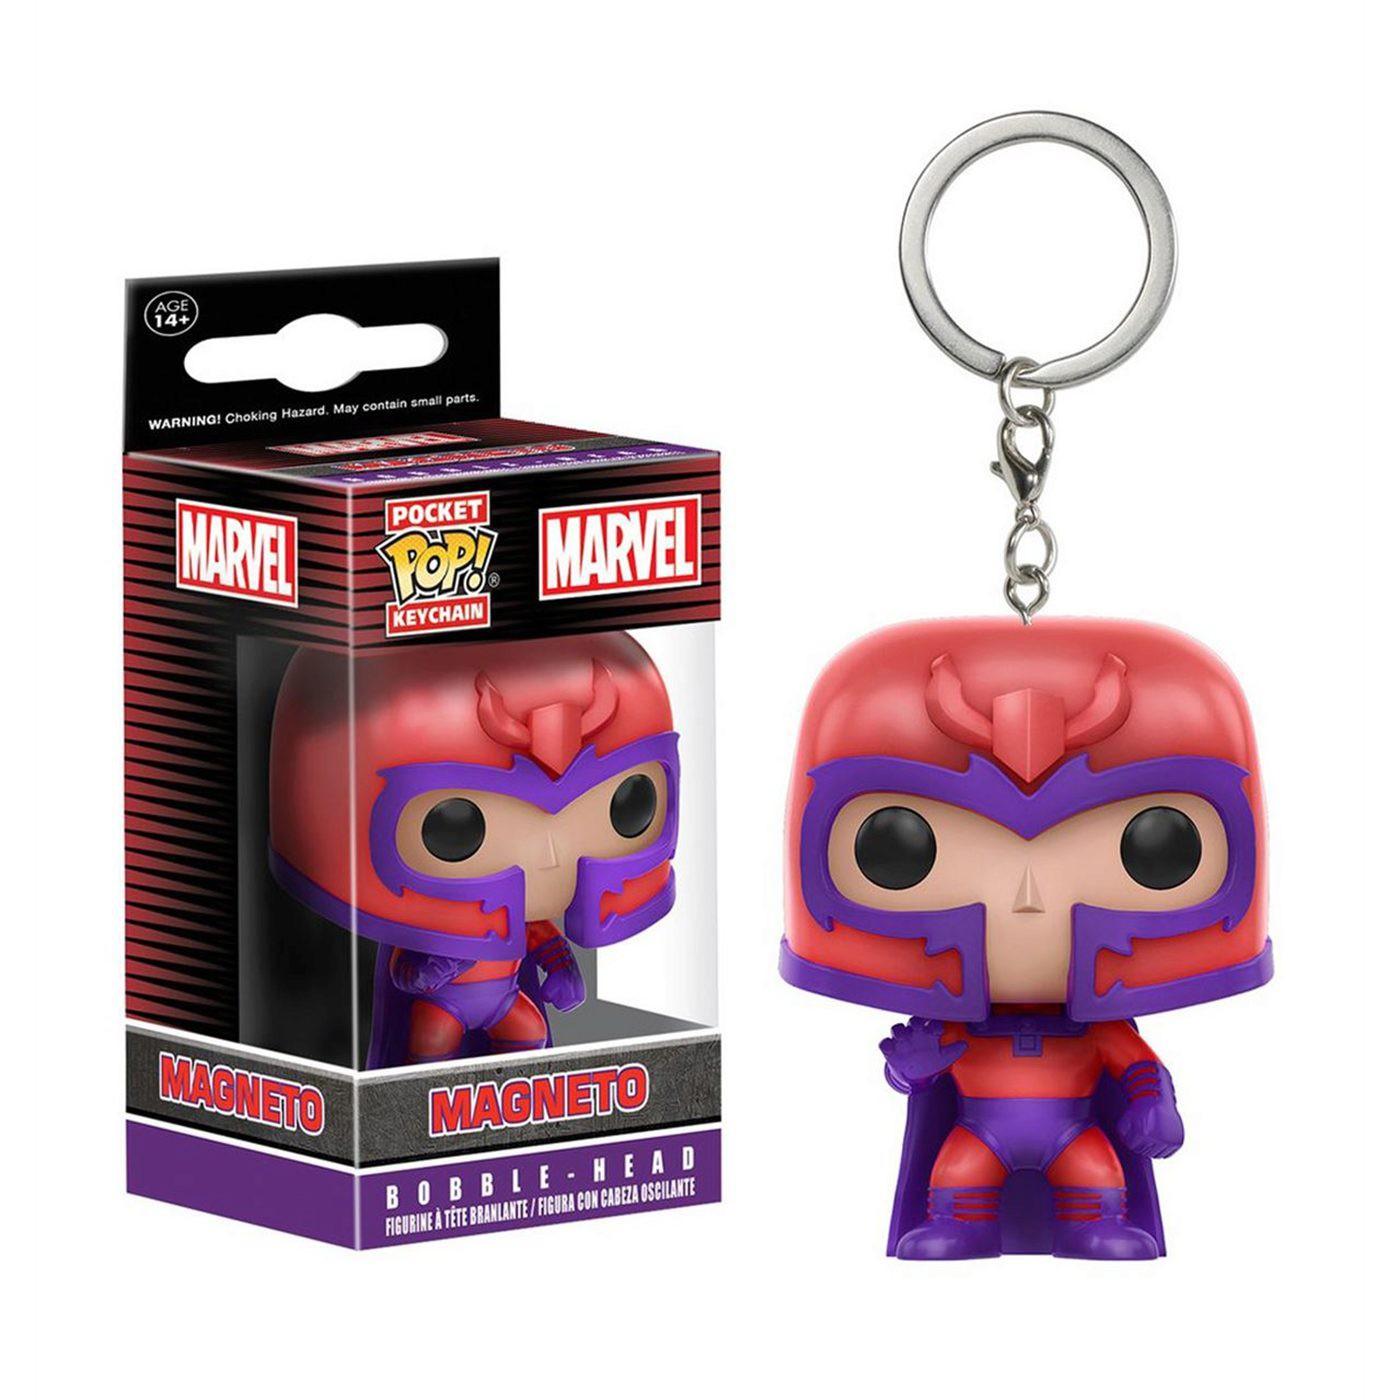 X-Men Magneto Funko Pocket Pop Keychain